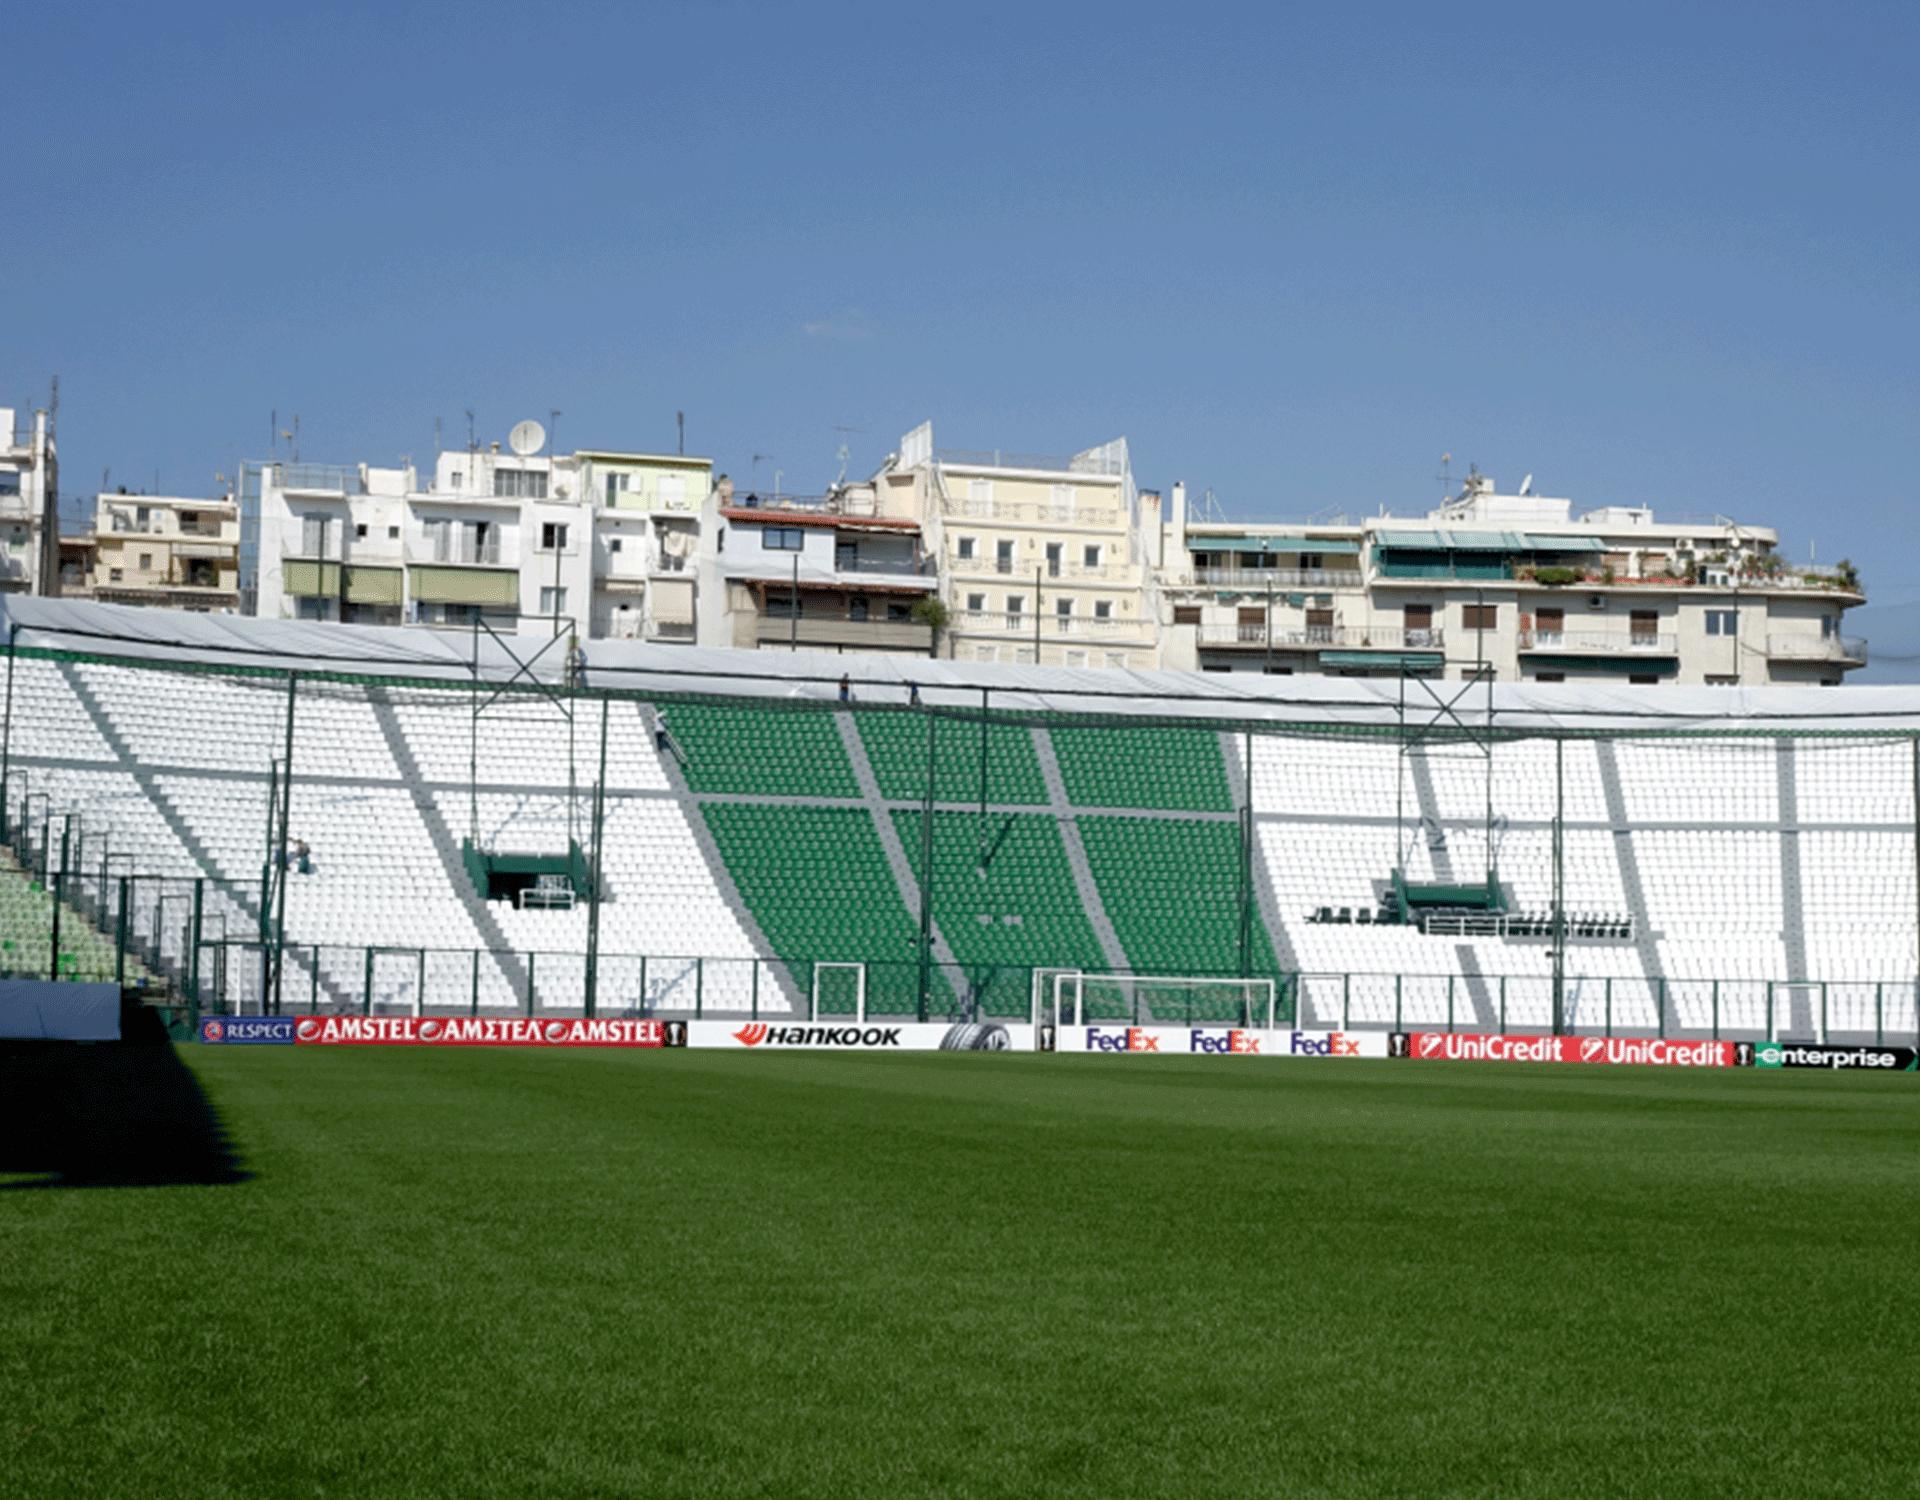 STADIUM OF PANATHINAIKOS ATHENS